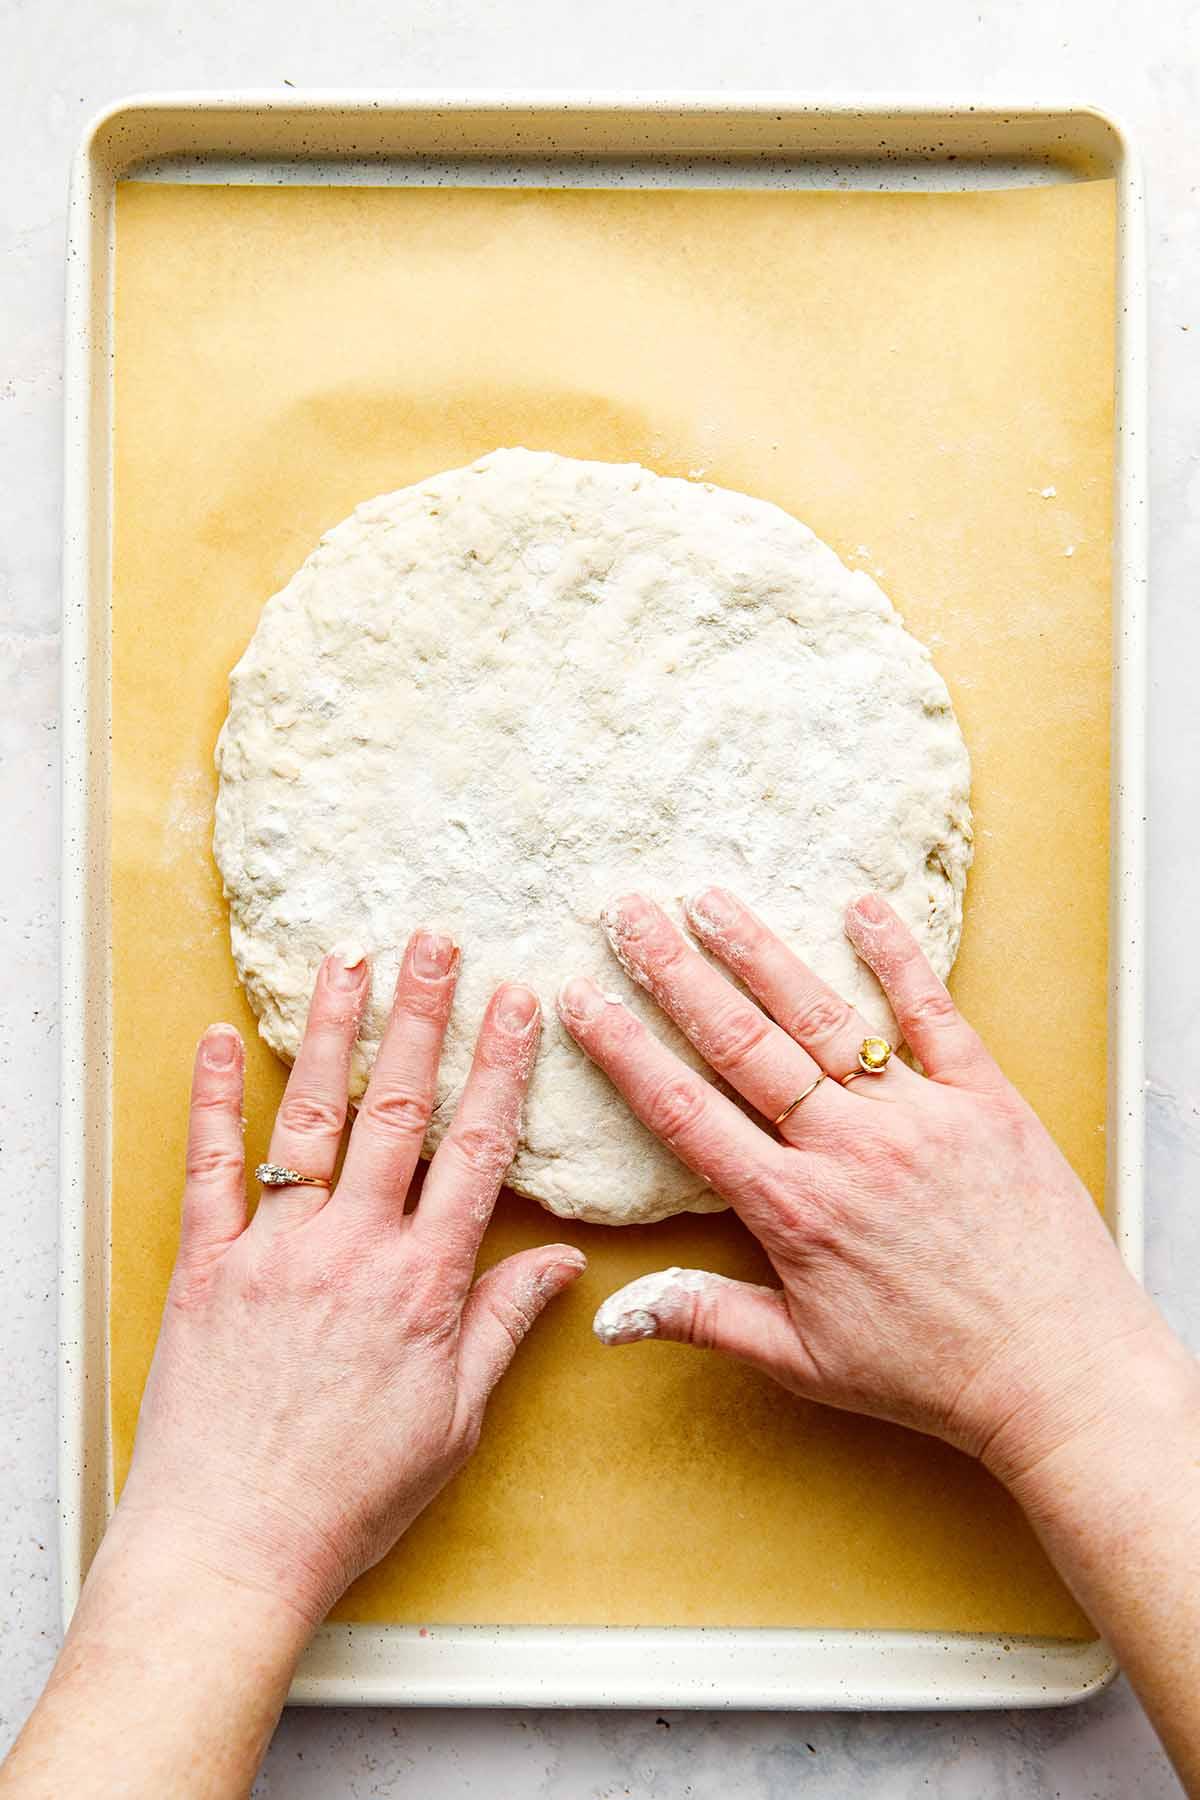 Woman's hands flattening the dough on a baking sheet.